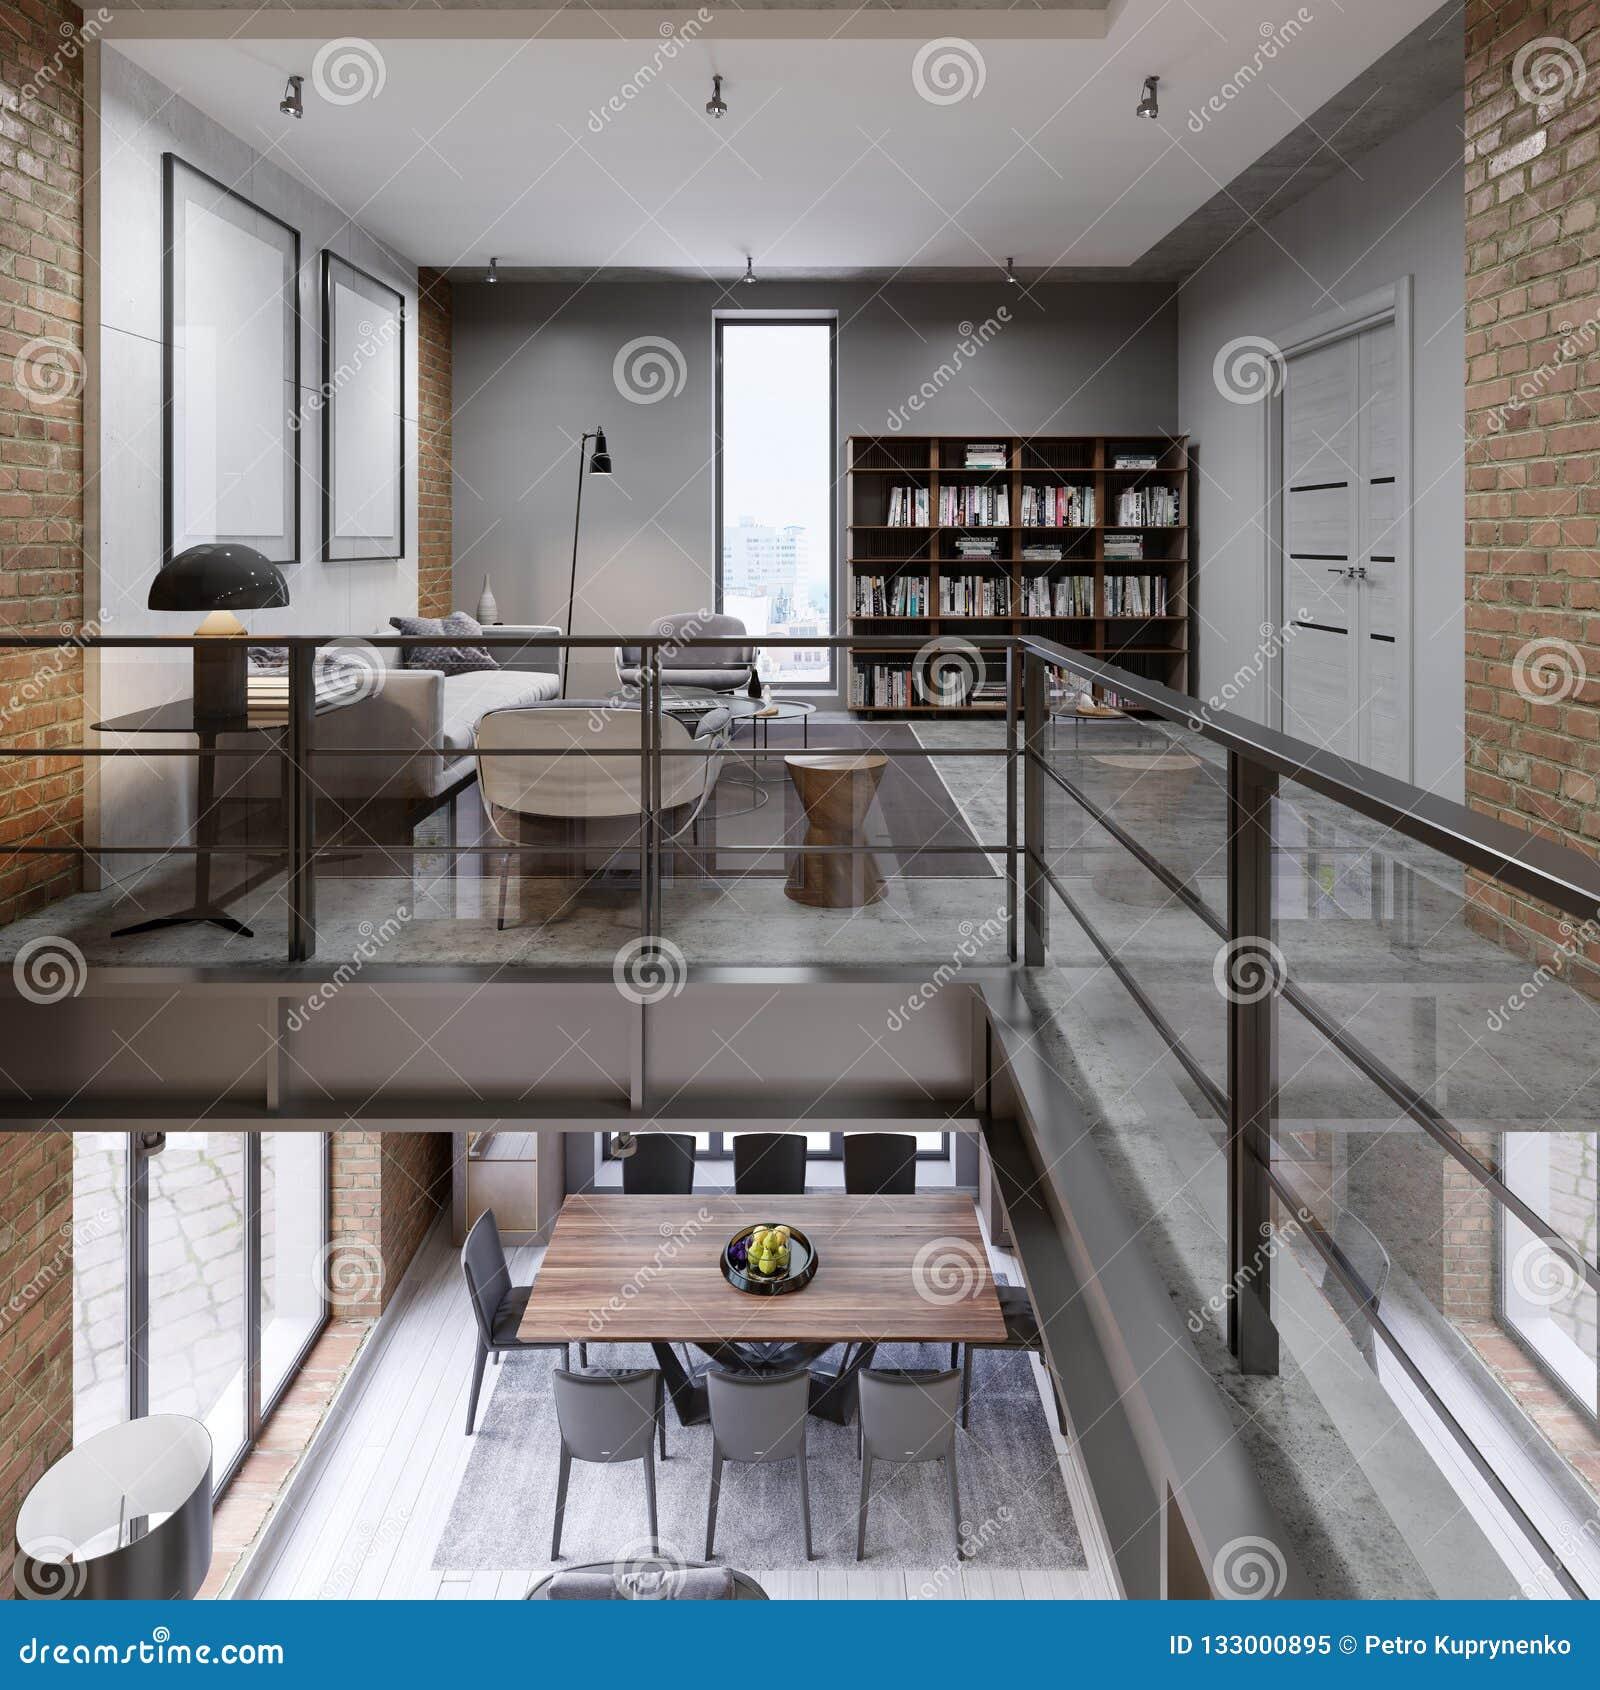 Flat de op twee niveaus van de Storiedzolder met laag, eettafel en bibliotheek, open plek, panorama